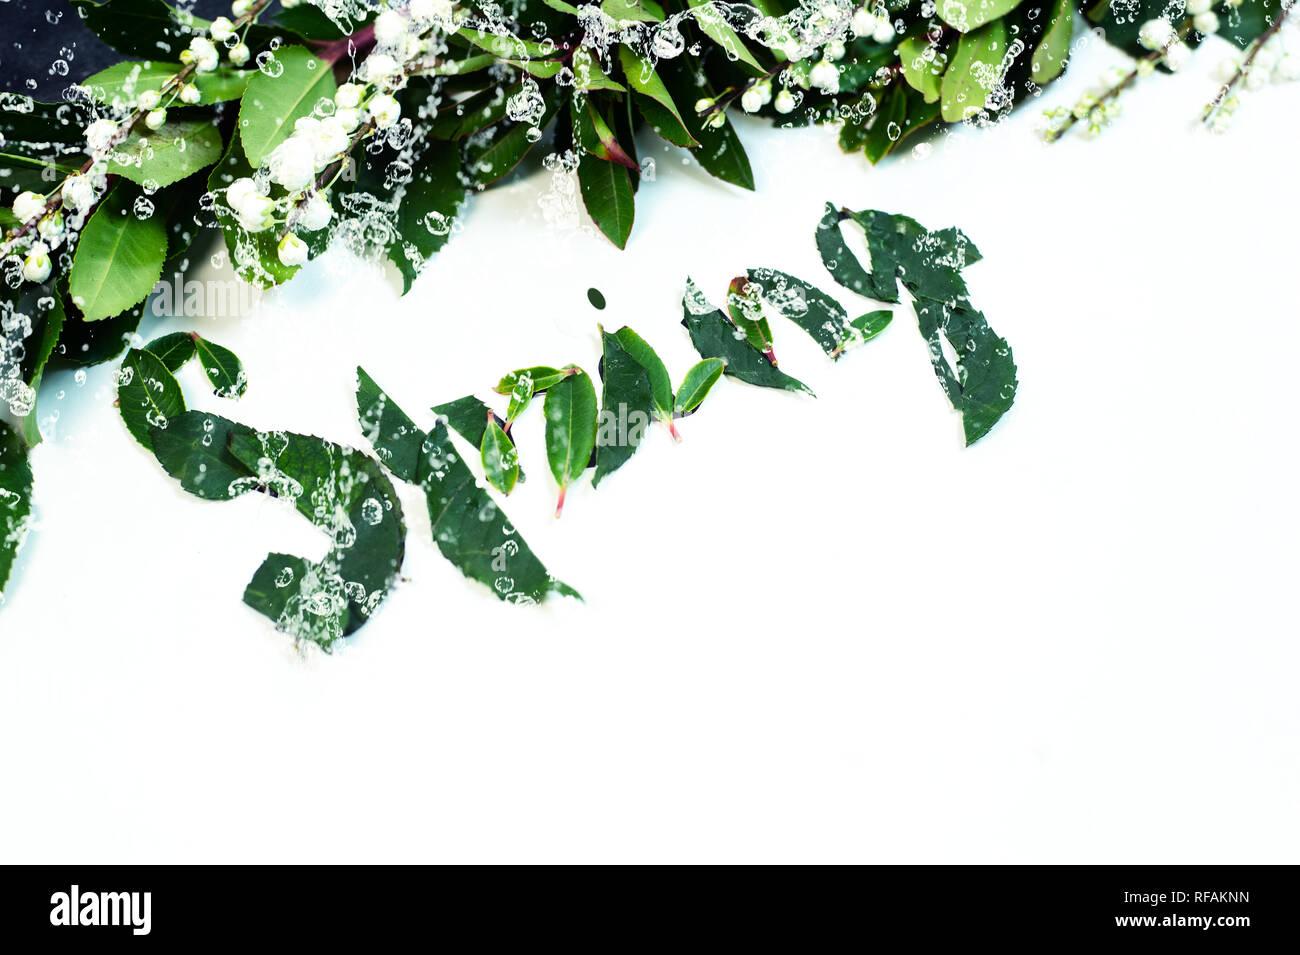 Grünes Blatt mit Wassertropfen Hintergrund Stockfoto